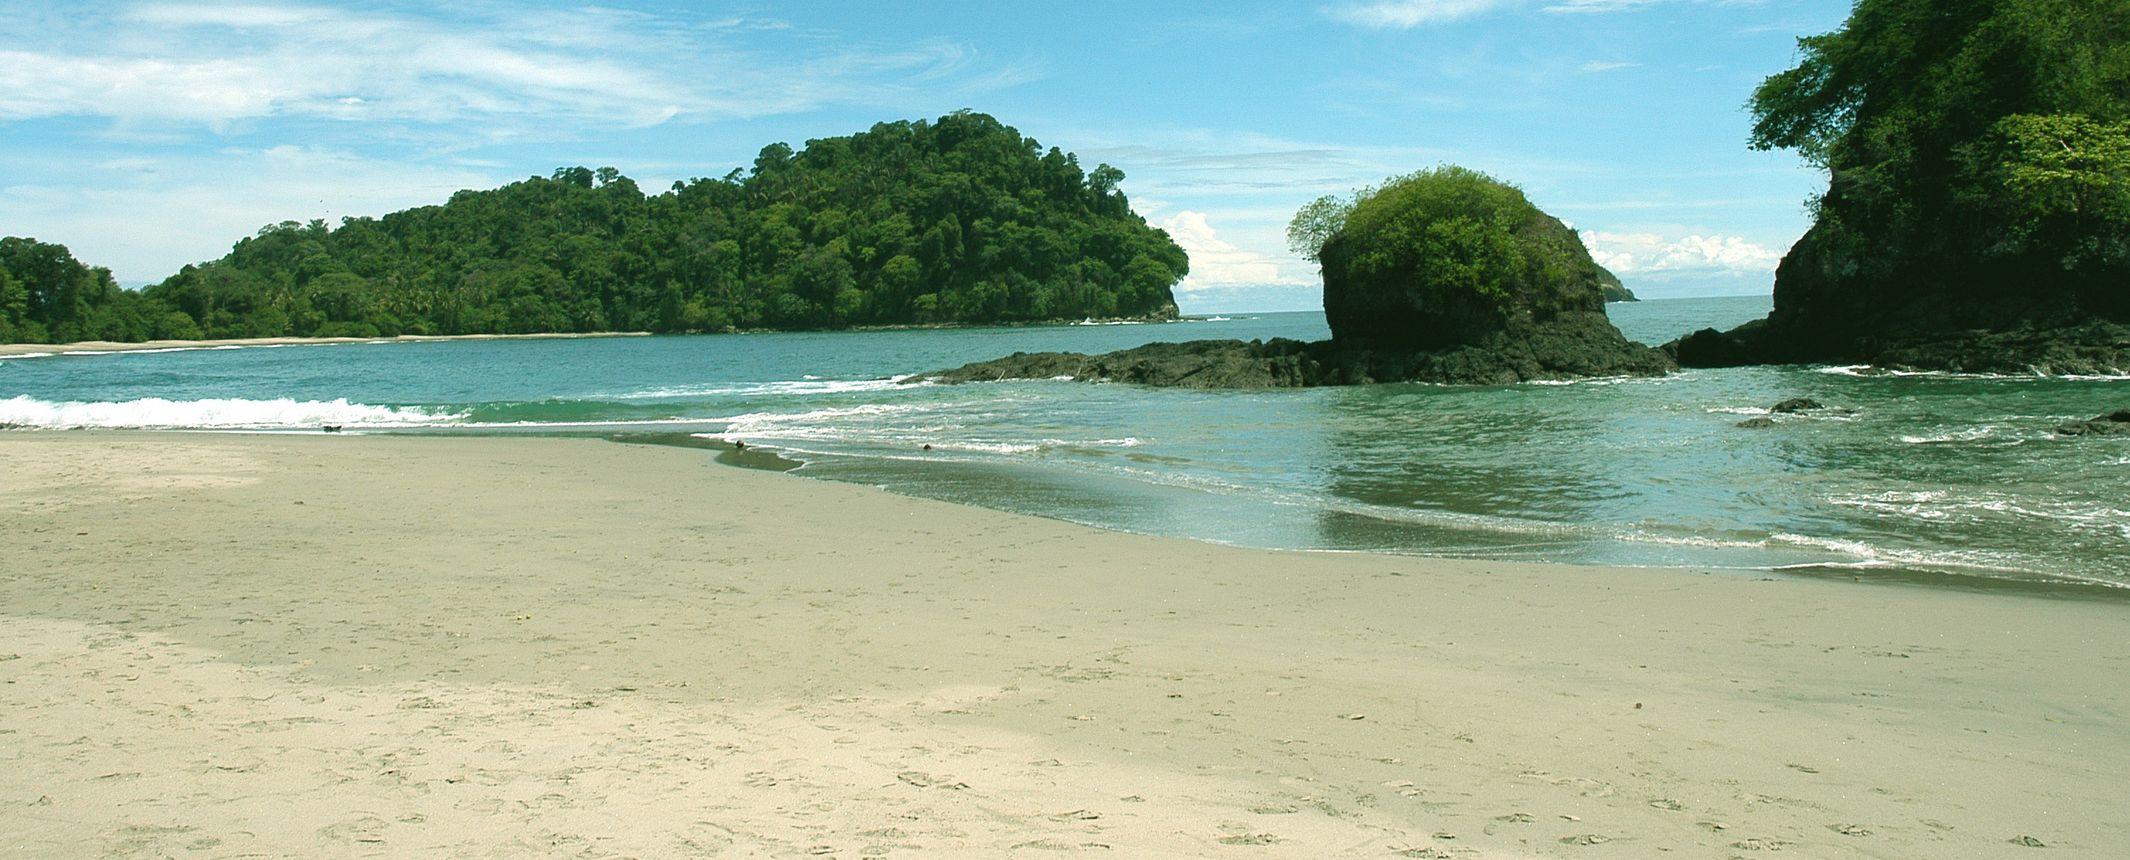 Volcanes, Parques Naturales, Caribe y Pacífico  – Salidas de MAY a NOV